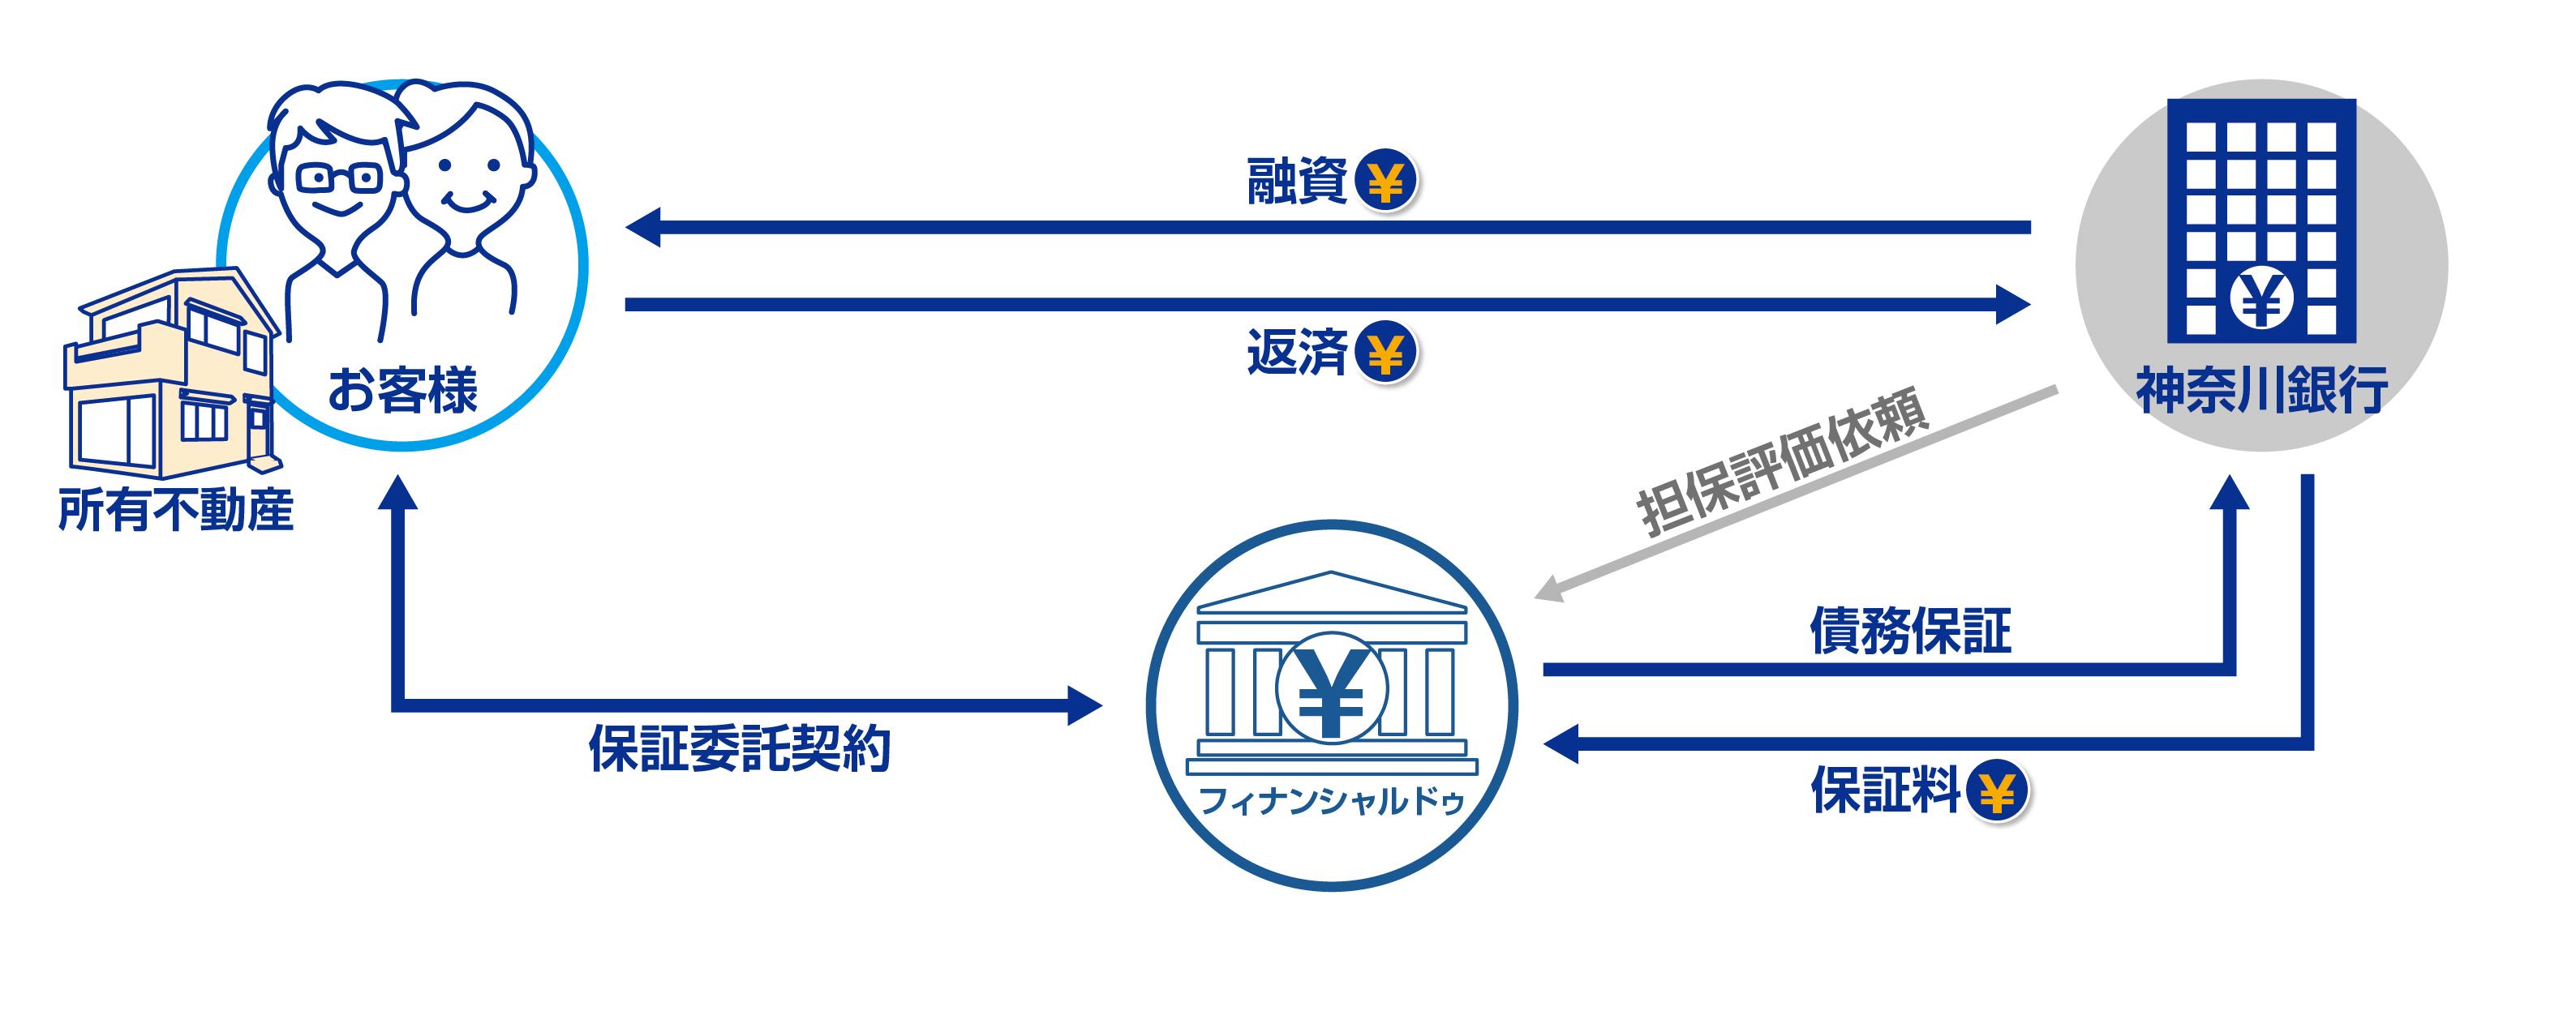 「かなぎんリバースモーゲージローンII」の保証事業で 神奈川銀行と提携  ~ 第六弾 神奈川県の金融機関と初提携 ~